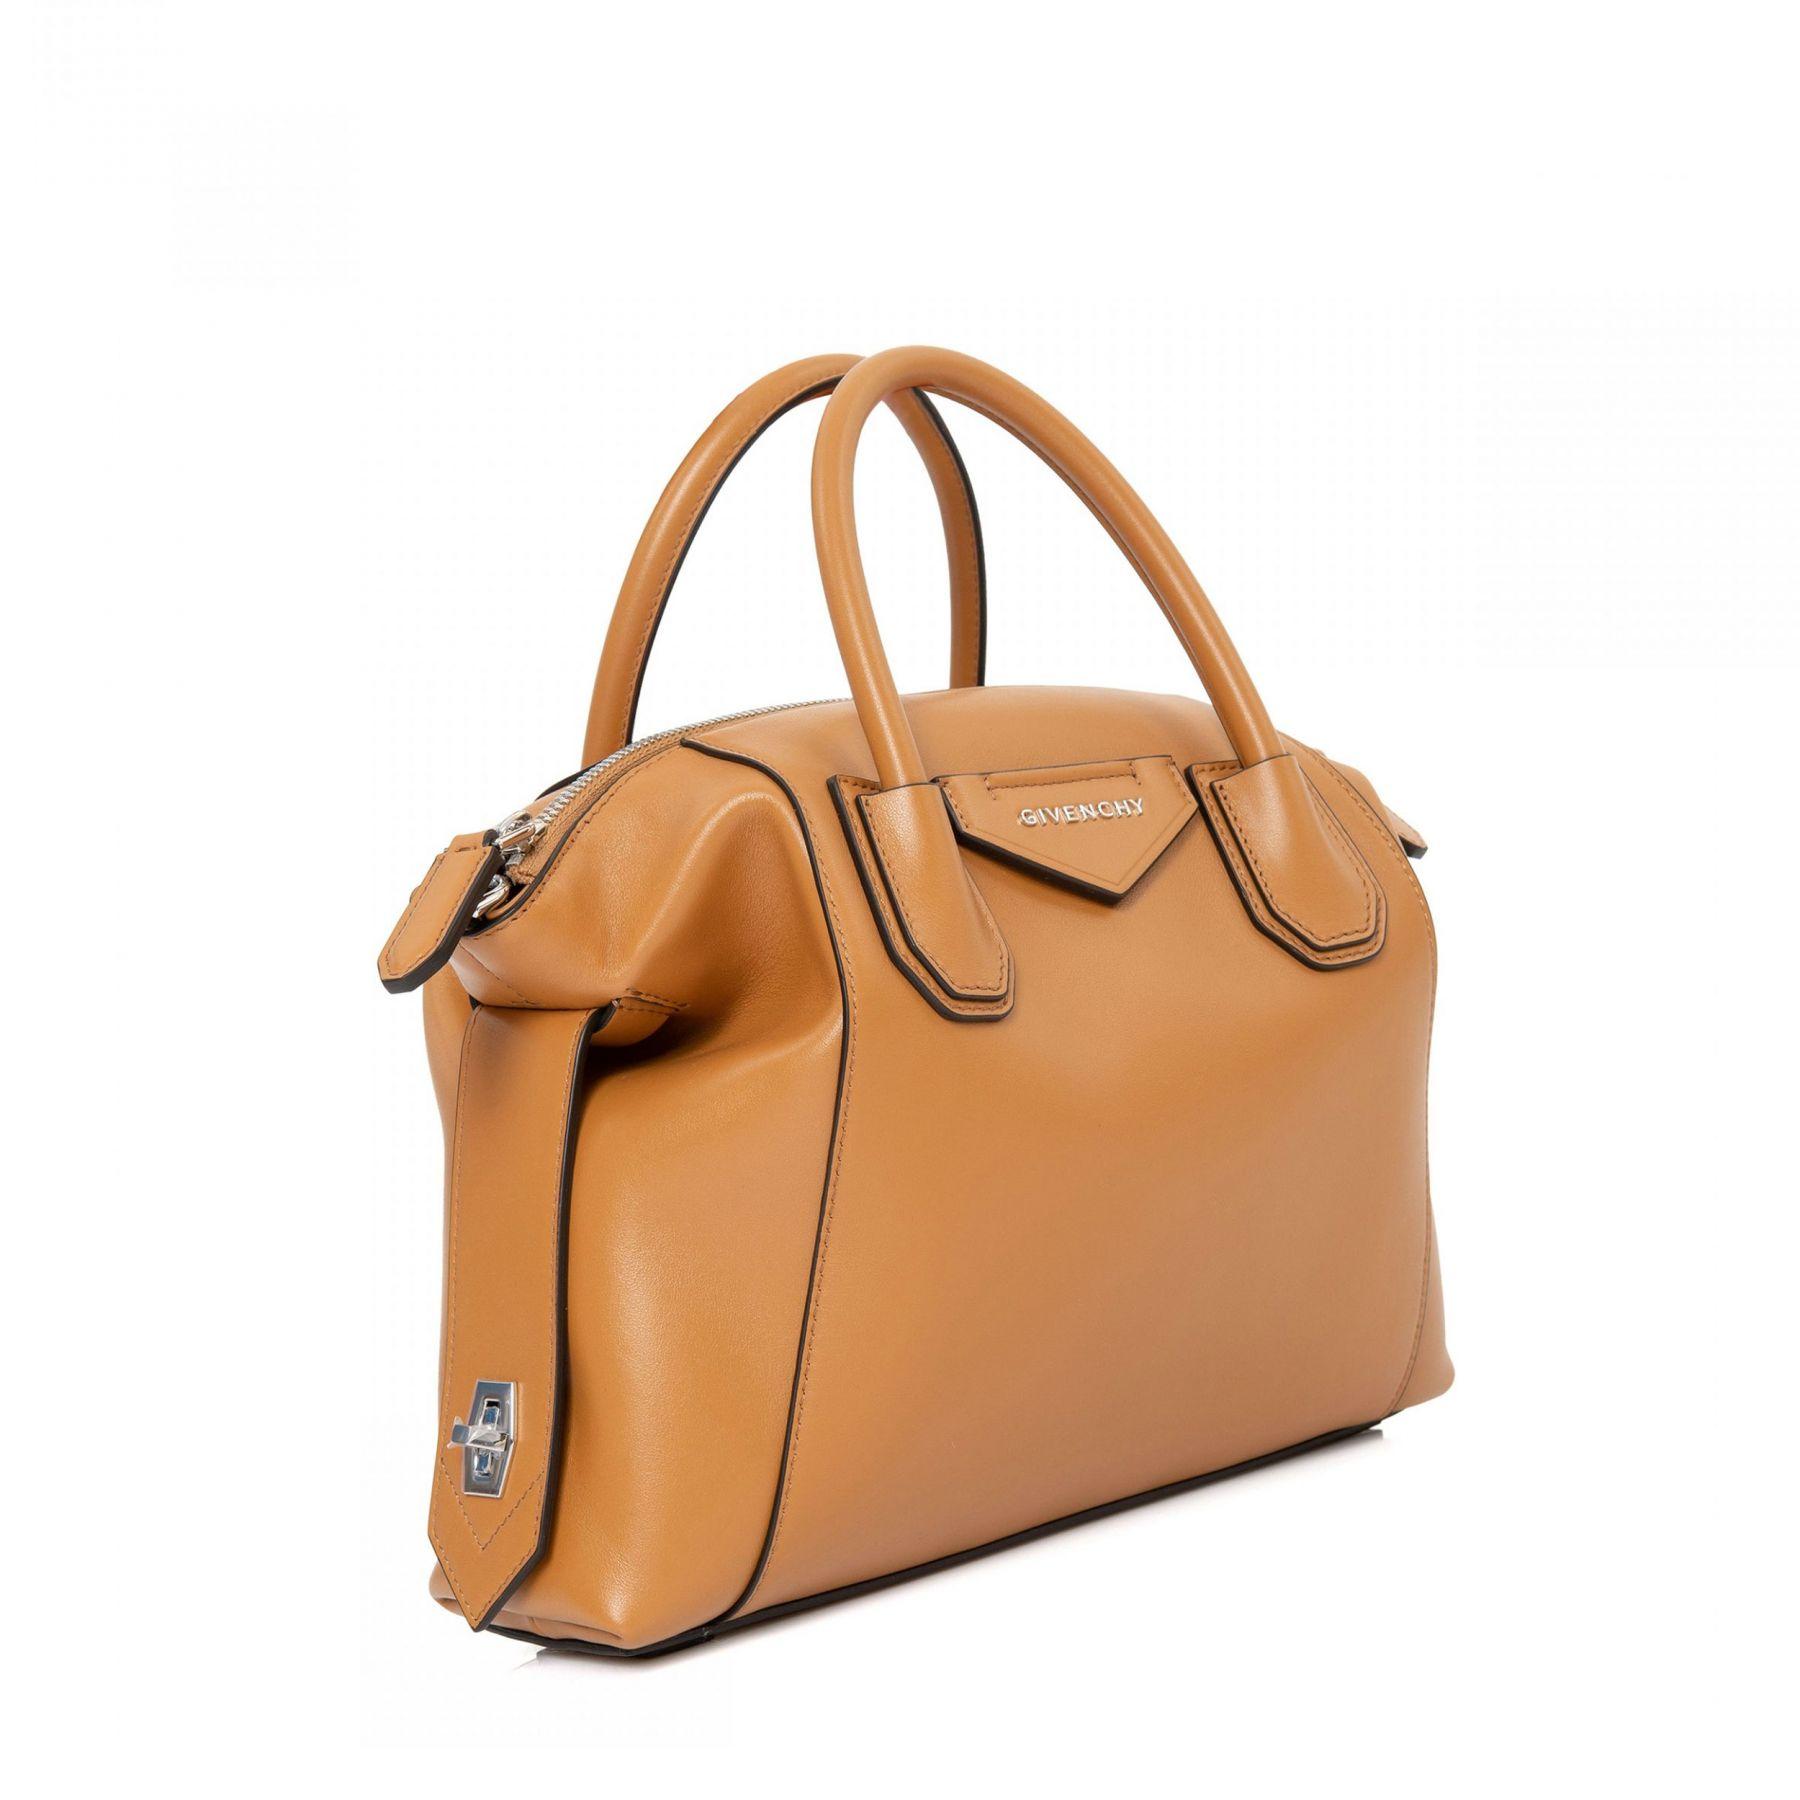 Сумка Givenchy Antigona Soft рыже-коричневая